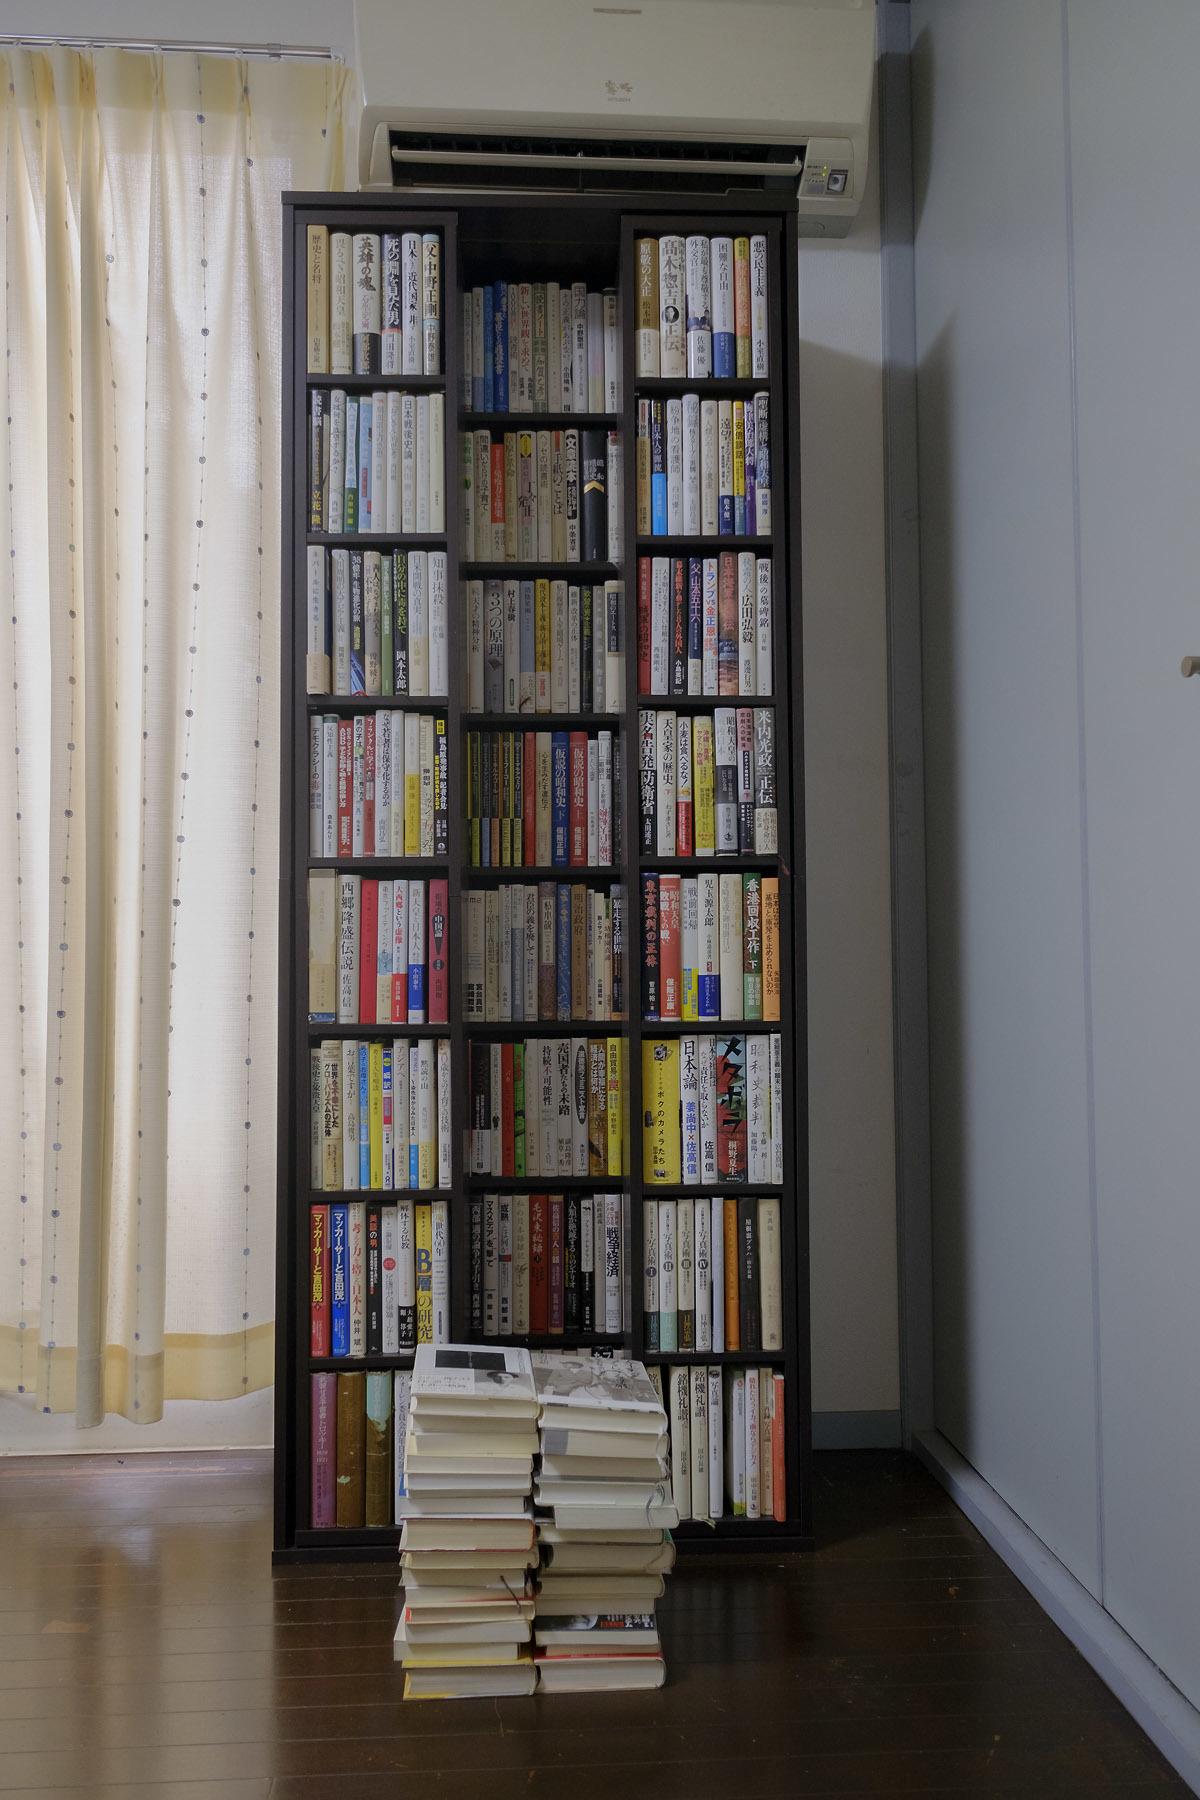 本を読む環境を整えようかと検討中_e0367501_18253496.jpg